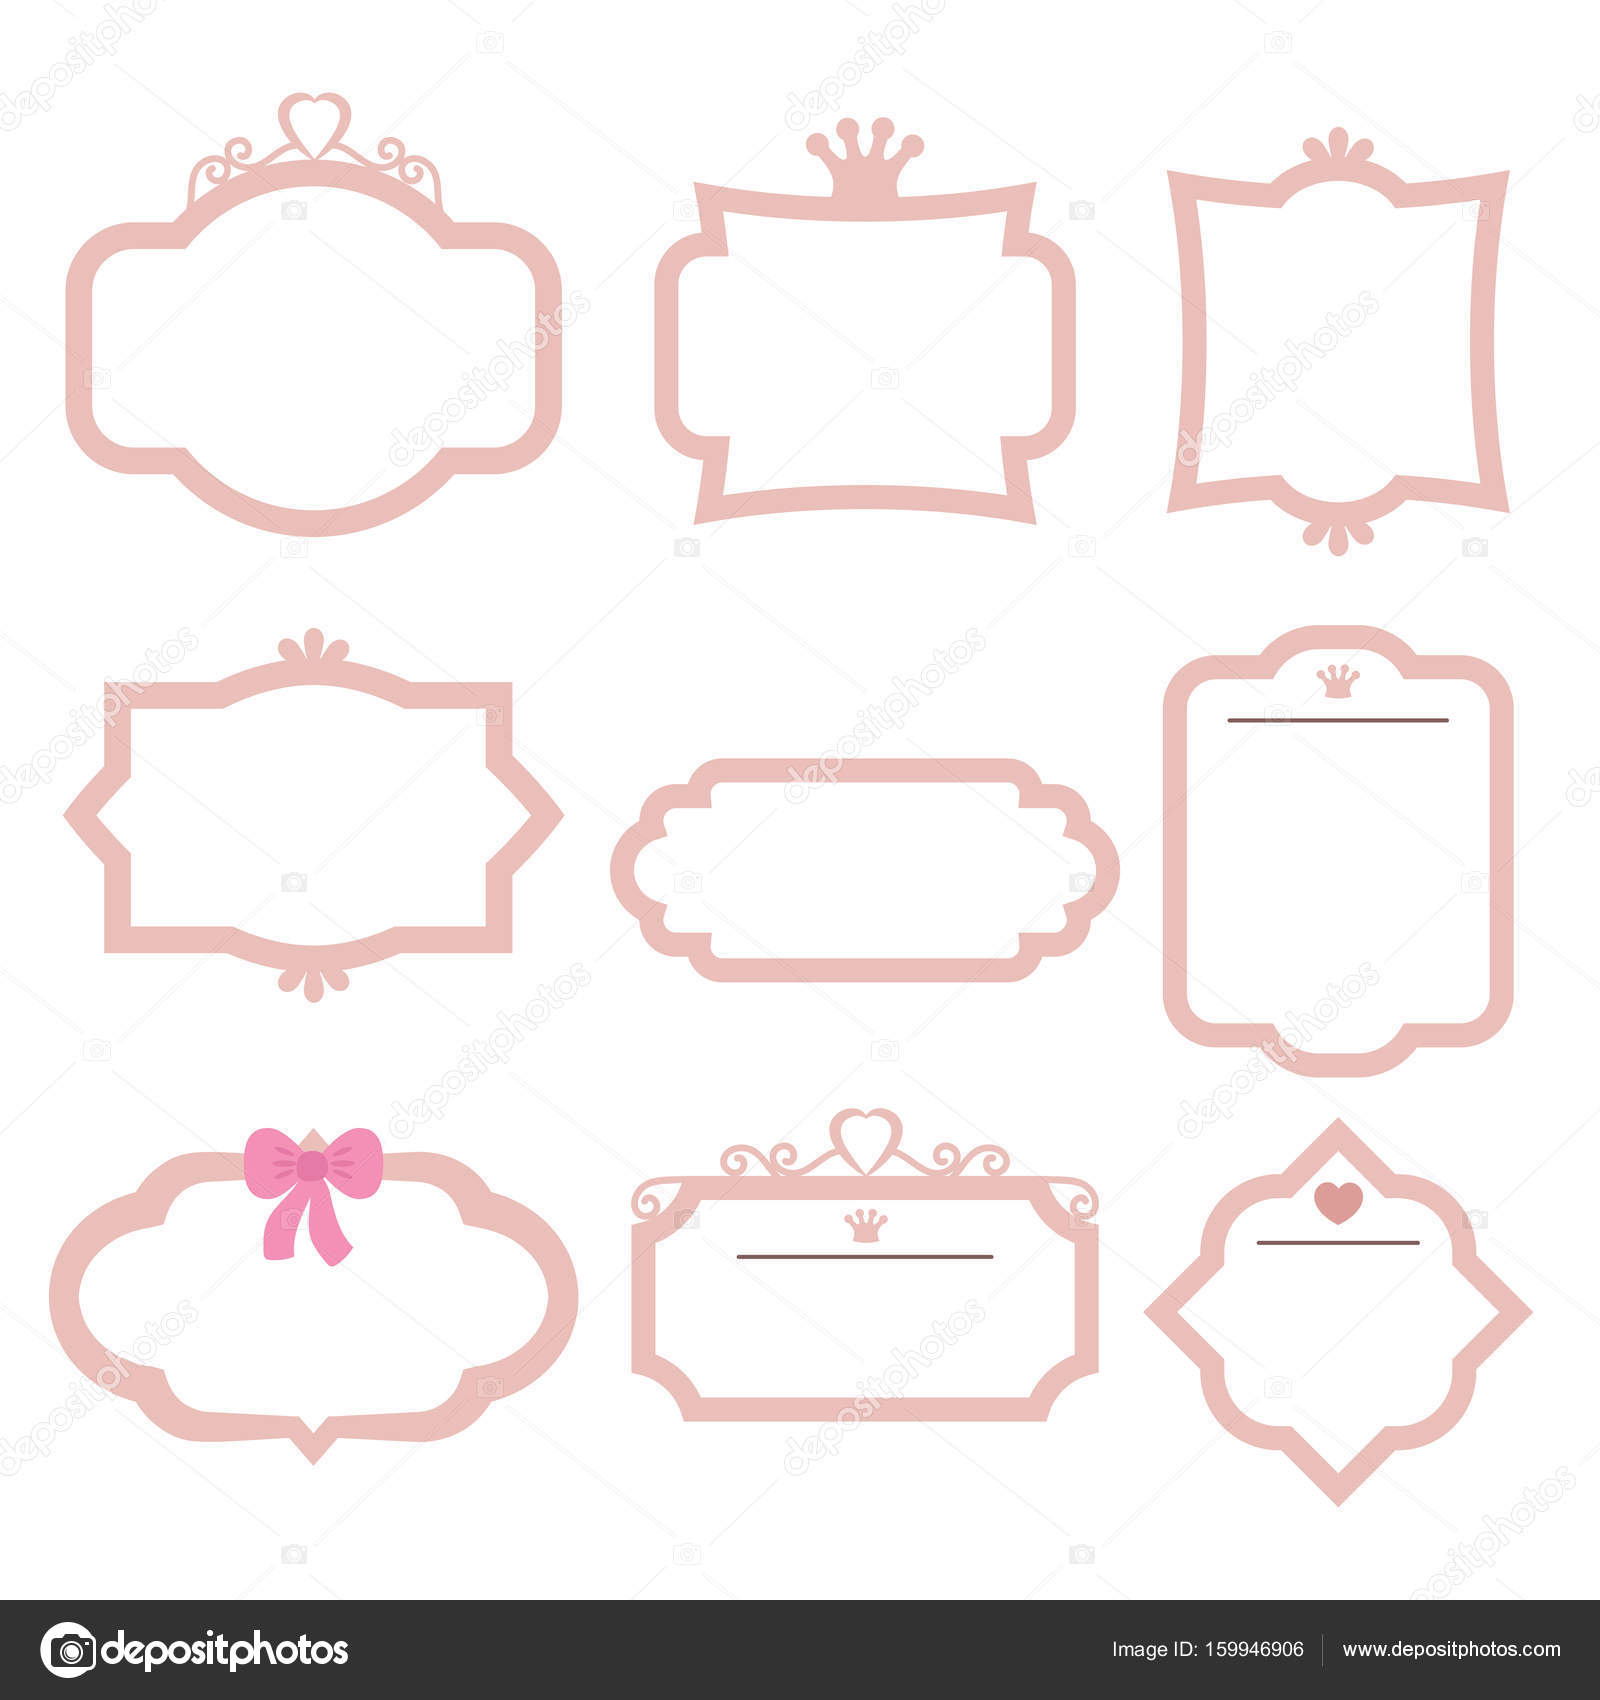 Conjunto de marcos decorativos archivo im genes - Marcos decorativos ...